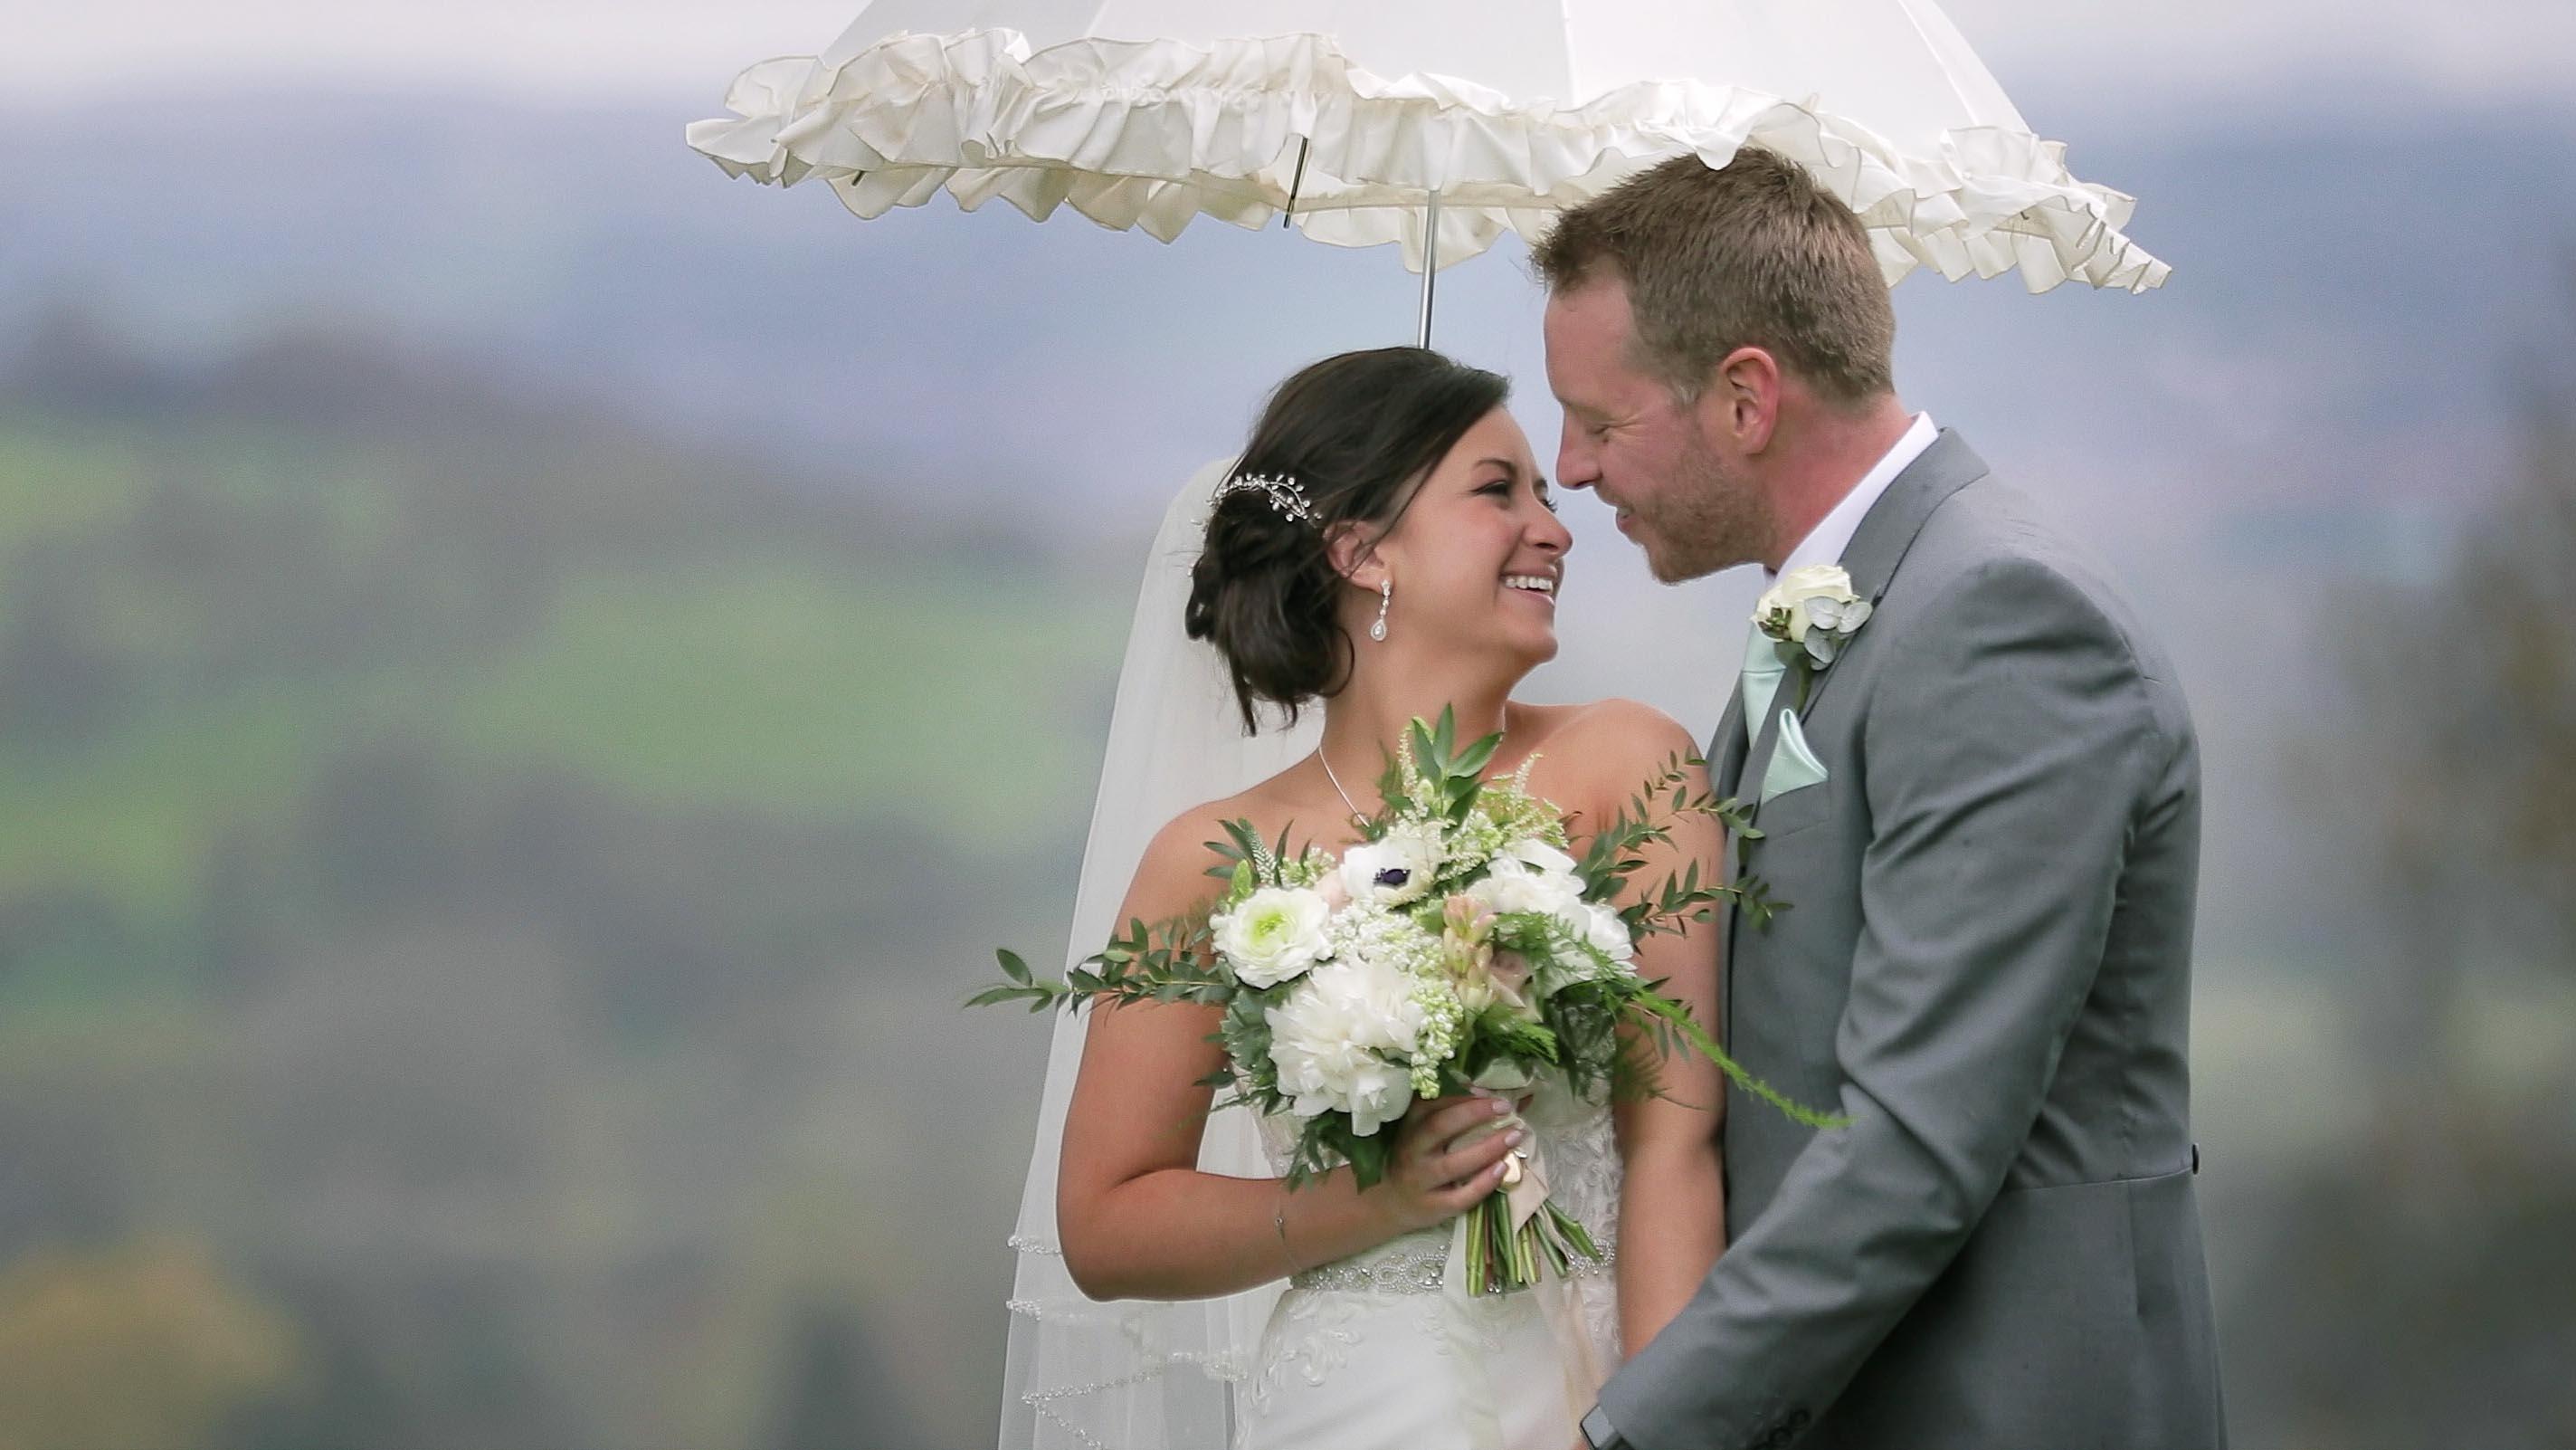 holly chriss wedding - HD2847×1602